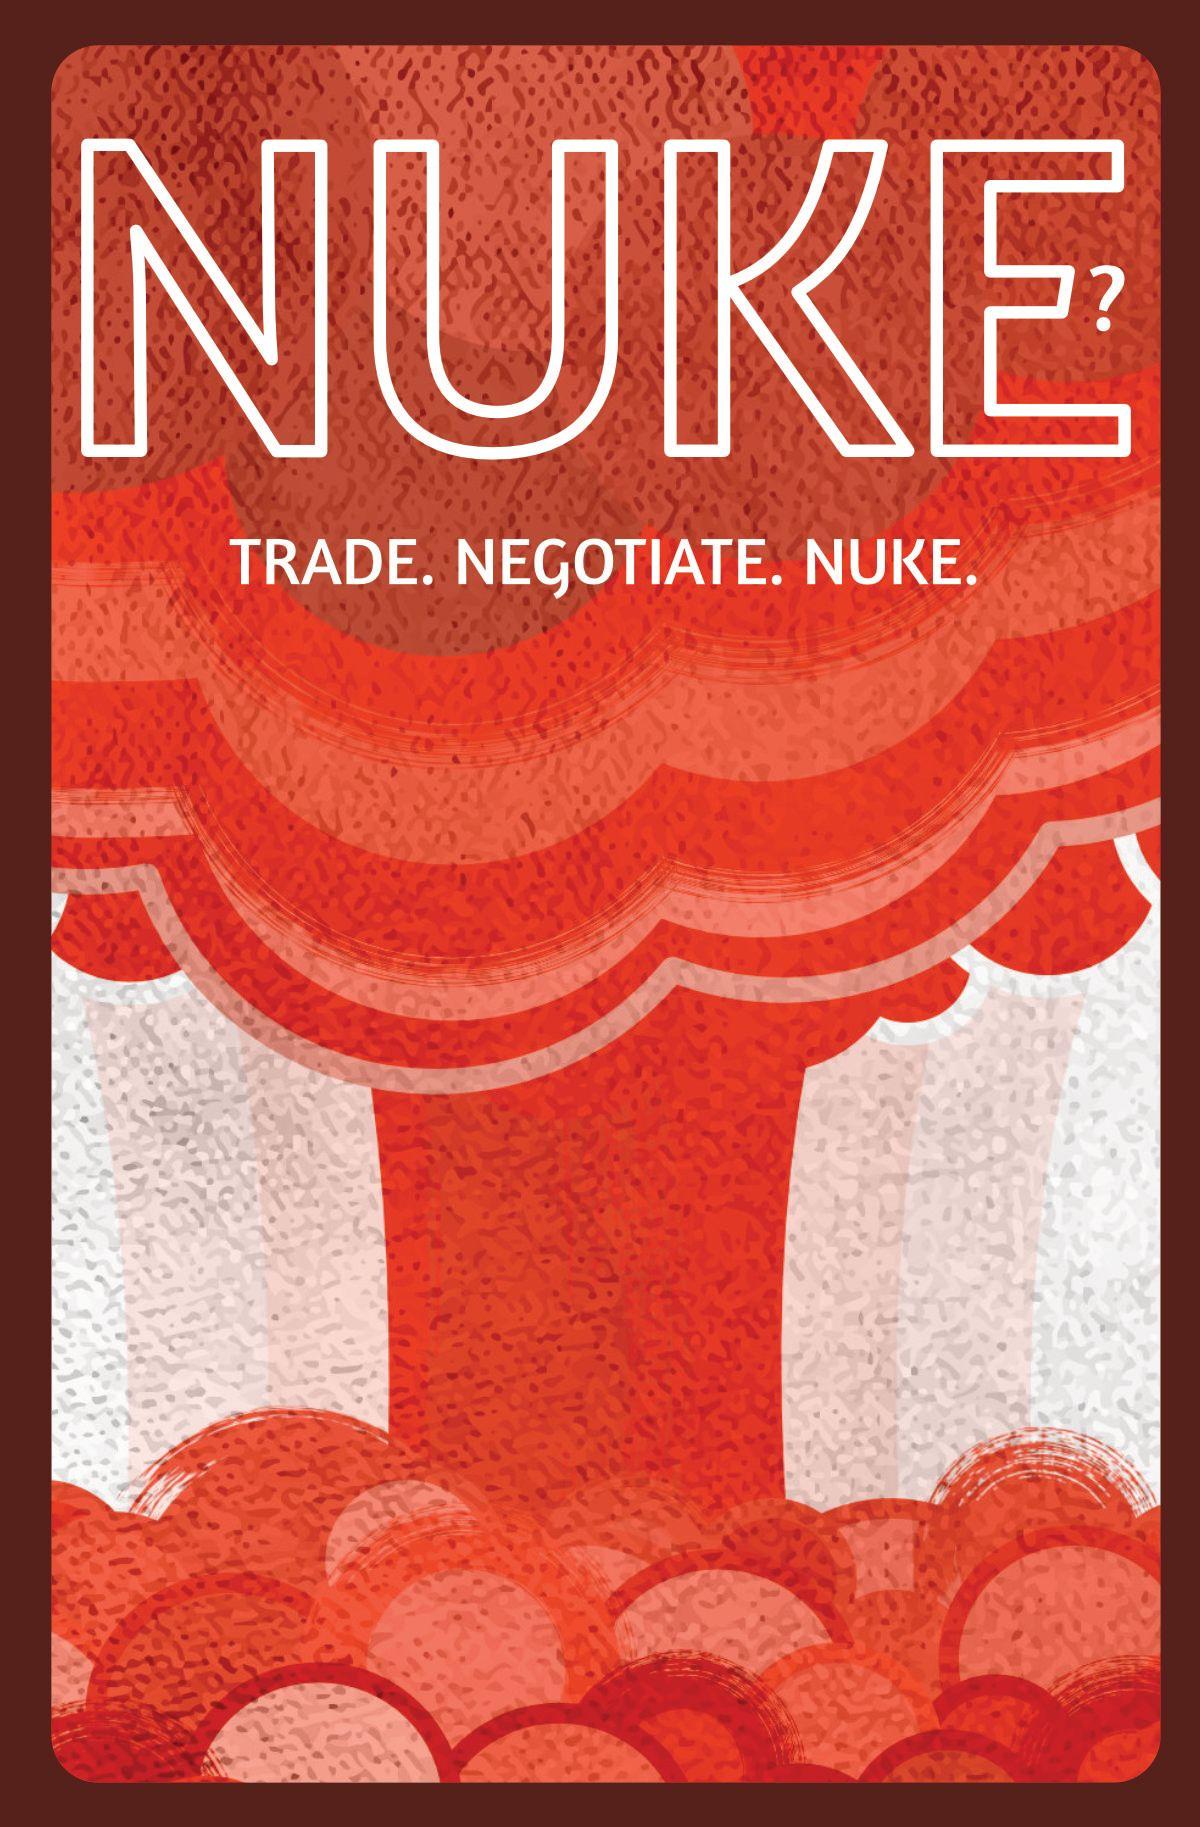 Nuke?